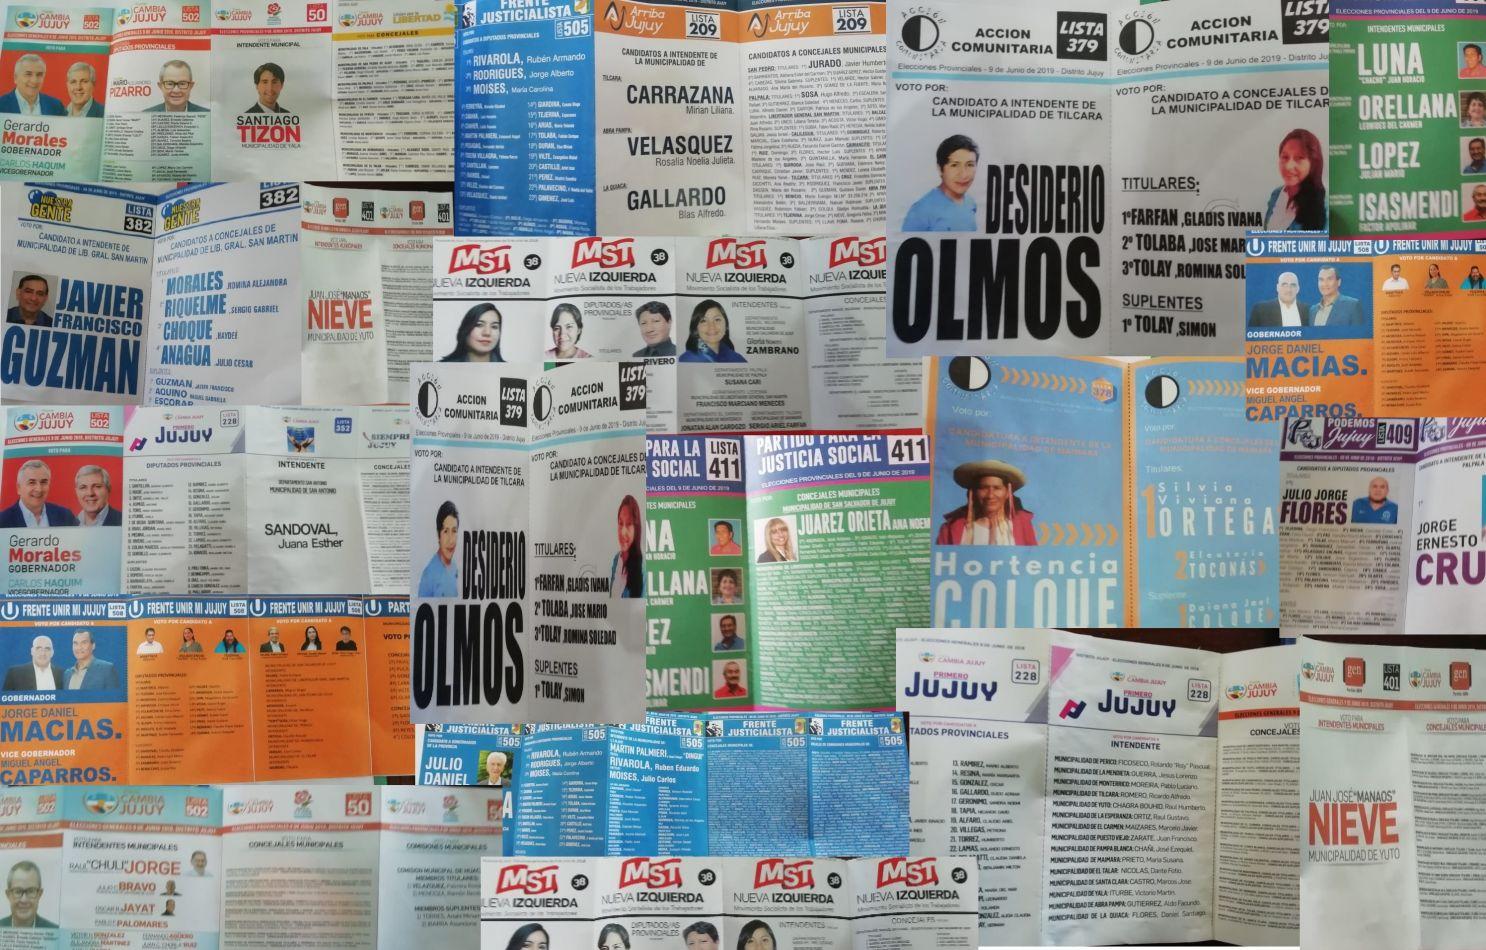 Se expusieron más de 200 boletas para las elecciones del 9 de junio